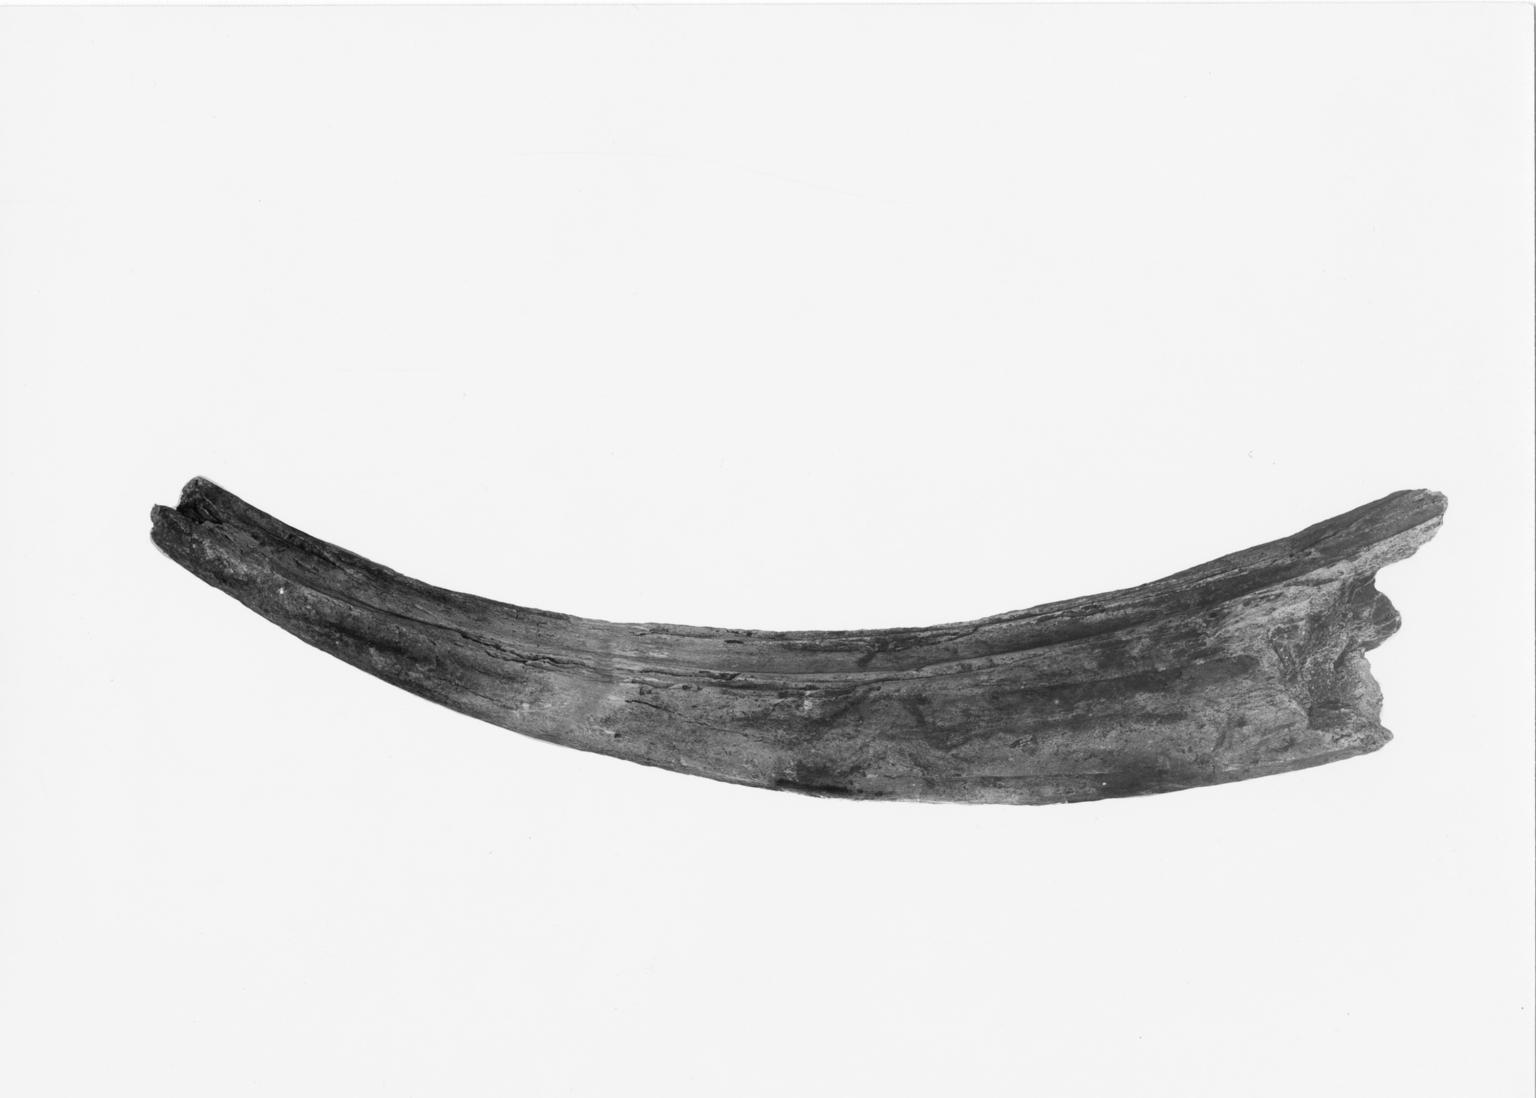 Bison angularis